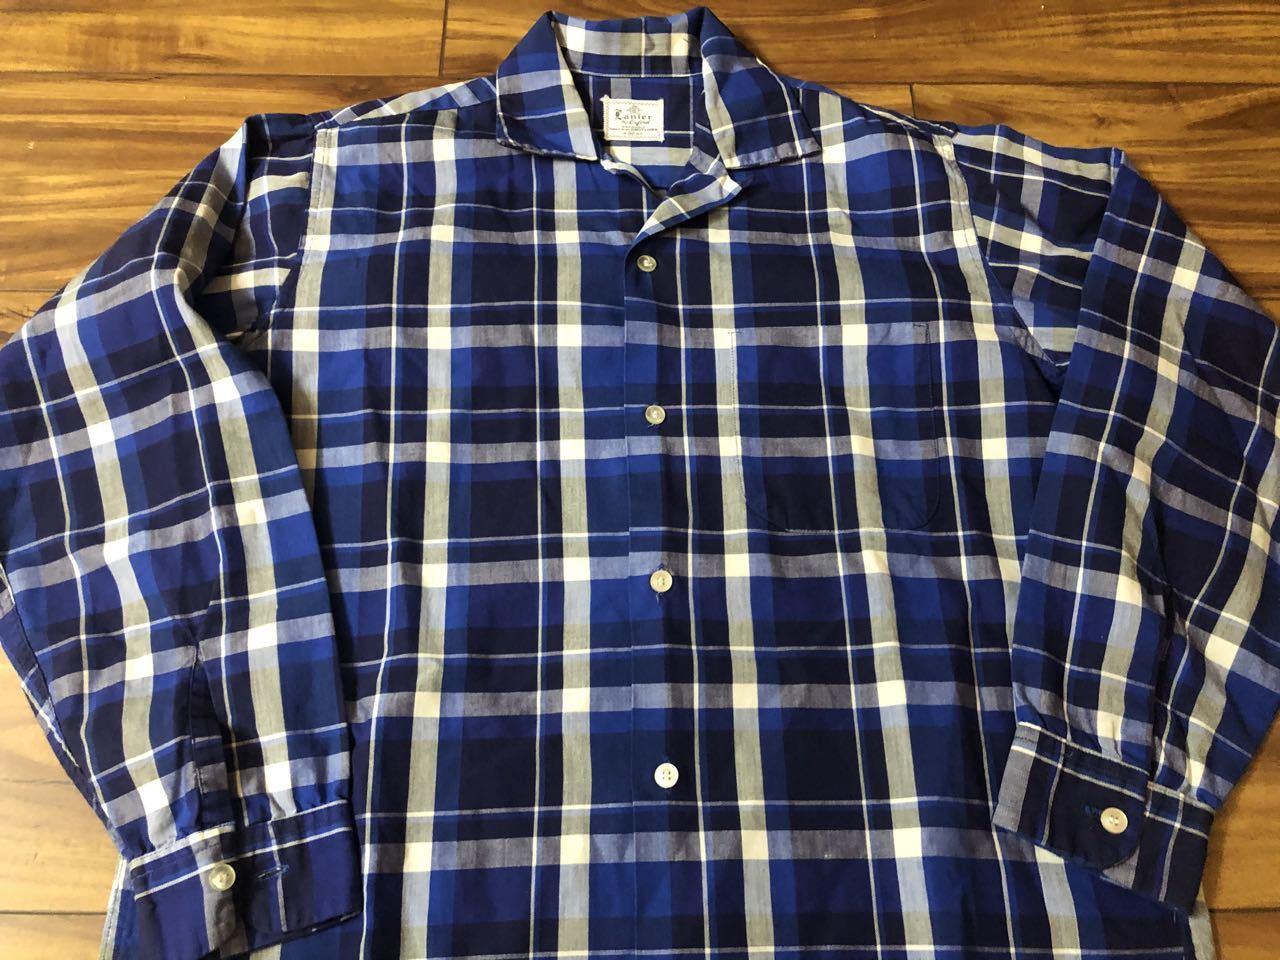 アメリカ仕入れ情報#33 3/14入荷! 50s all cotton Lanier オープンカラー ボックスシャツ!_c0144020_13122325.jpg